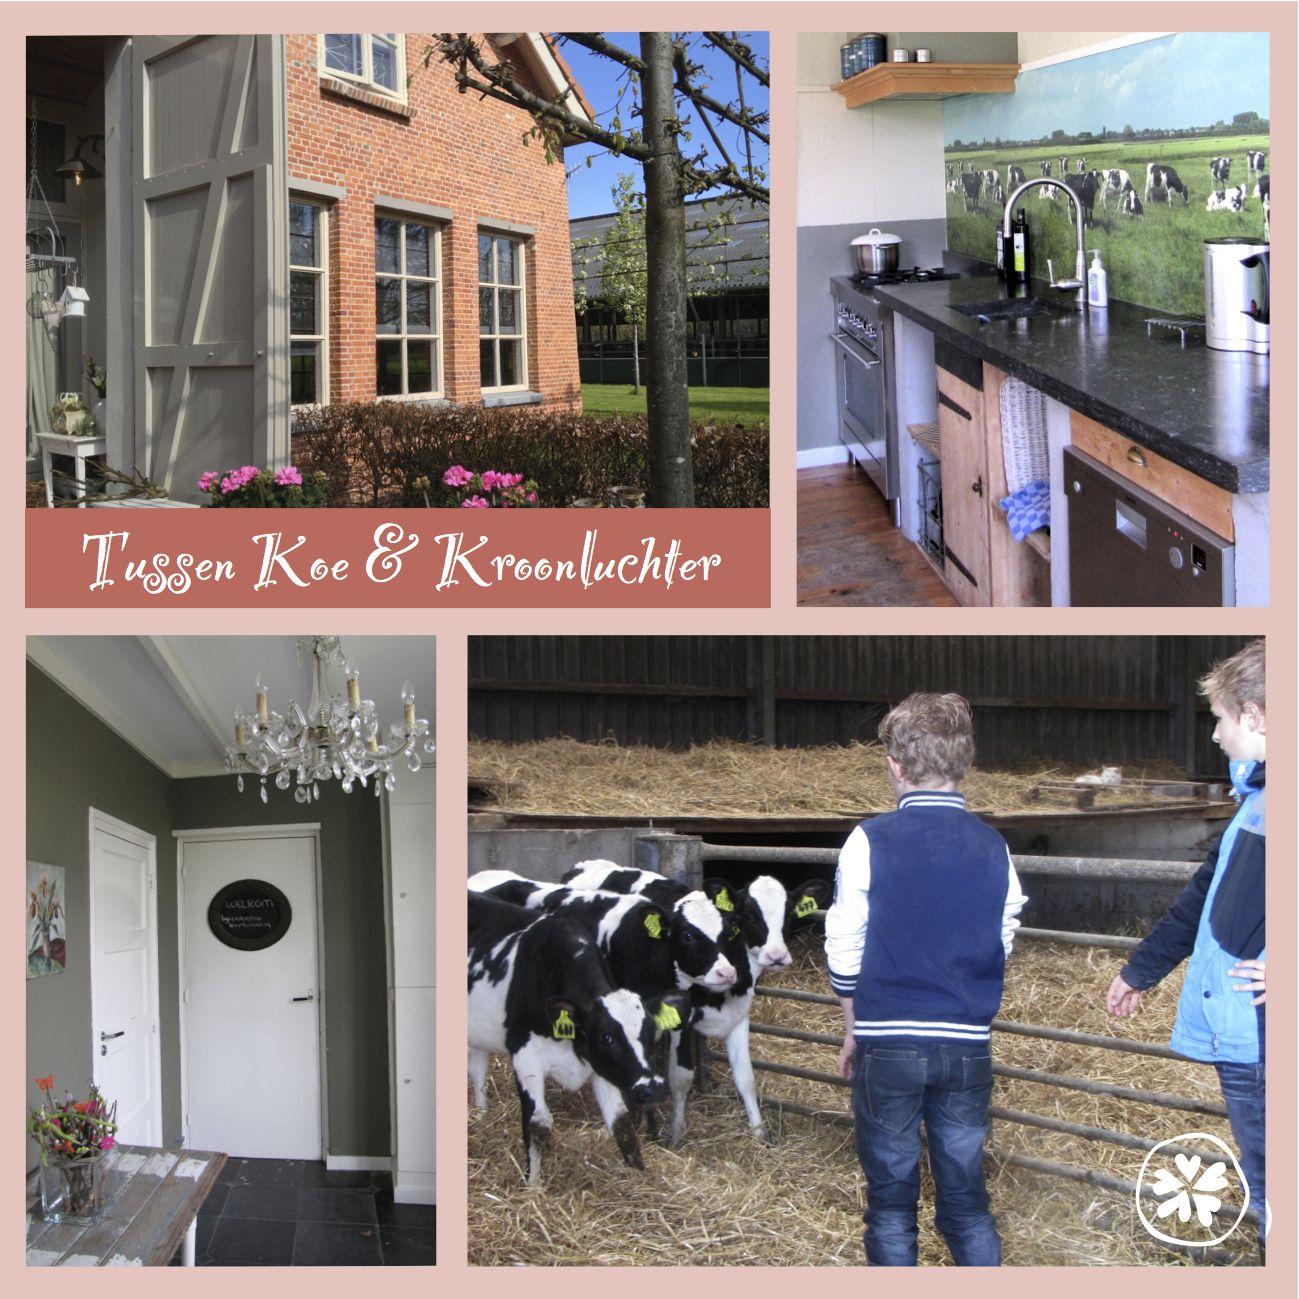 Koe en Kroonluchter, vakantiehuisje max 7 pers Diessen (Brabant)